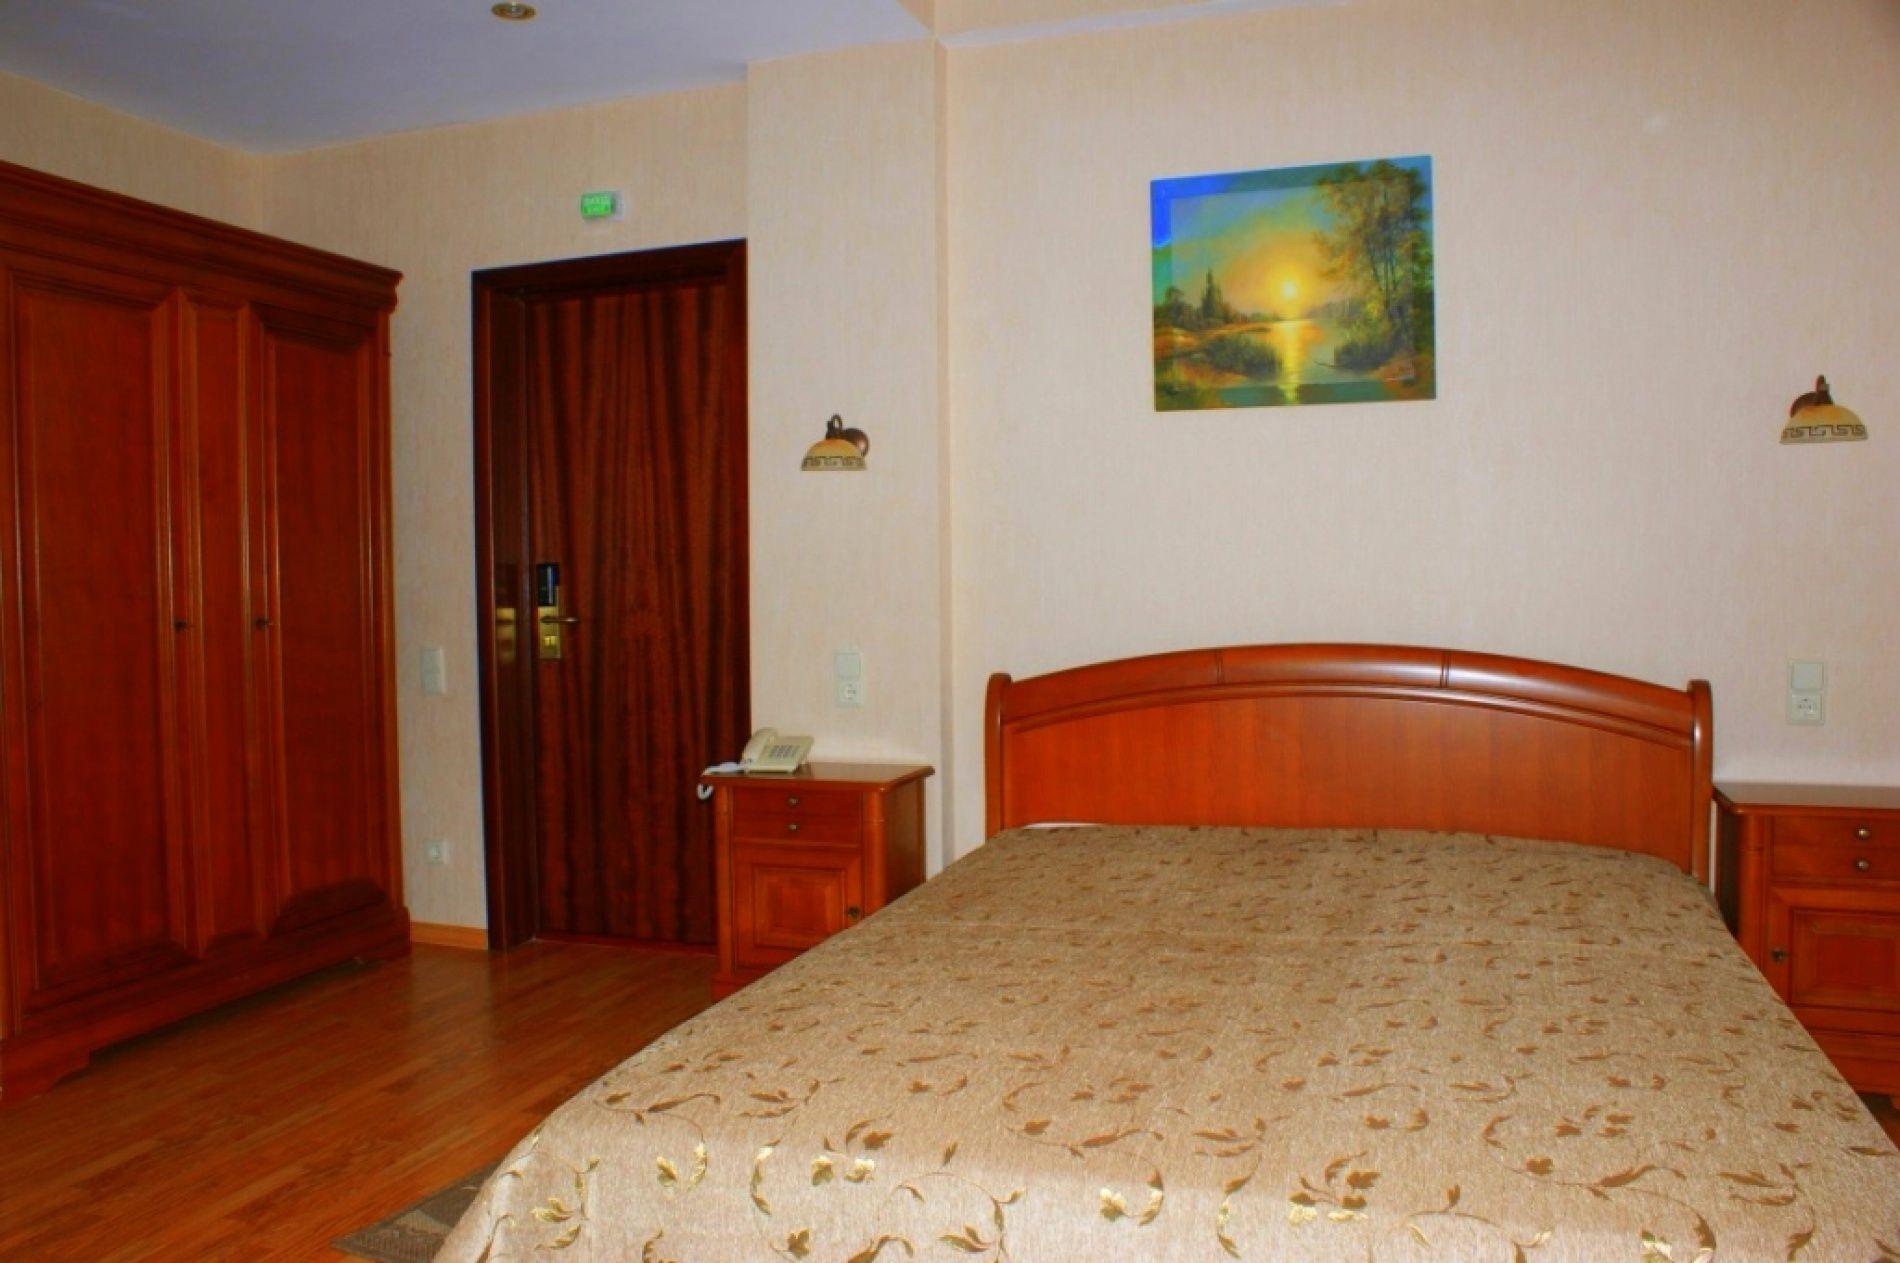 Гостиница «Вилла Аль-Марин» Республика Крым Номер «Стандарт» А, Б, фото 2